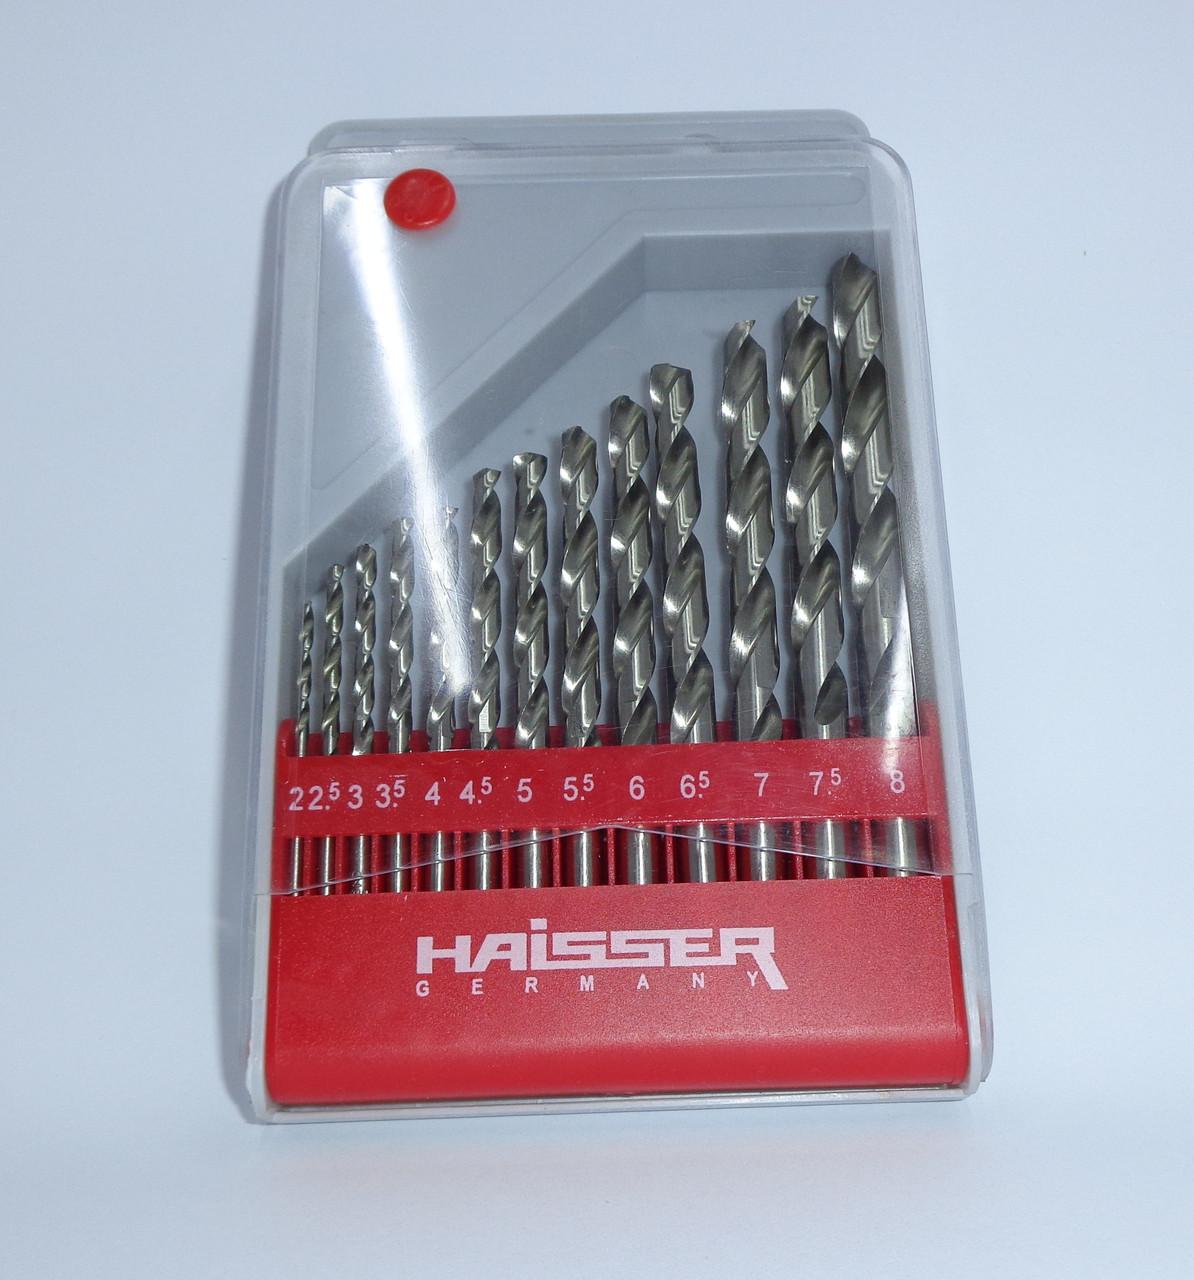 Сверло по металлу (наборы) Haisser от 2-8 мм 13 шт.